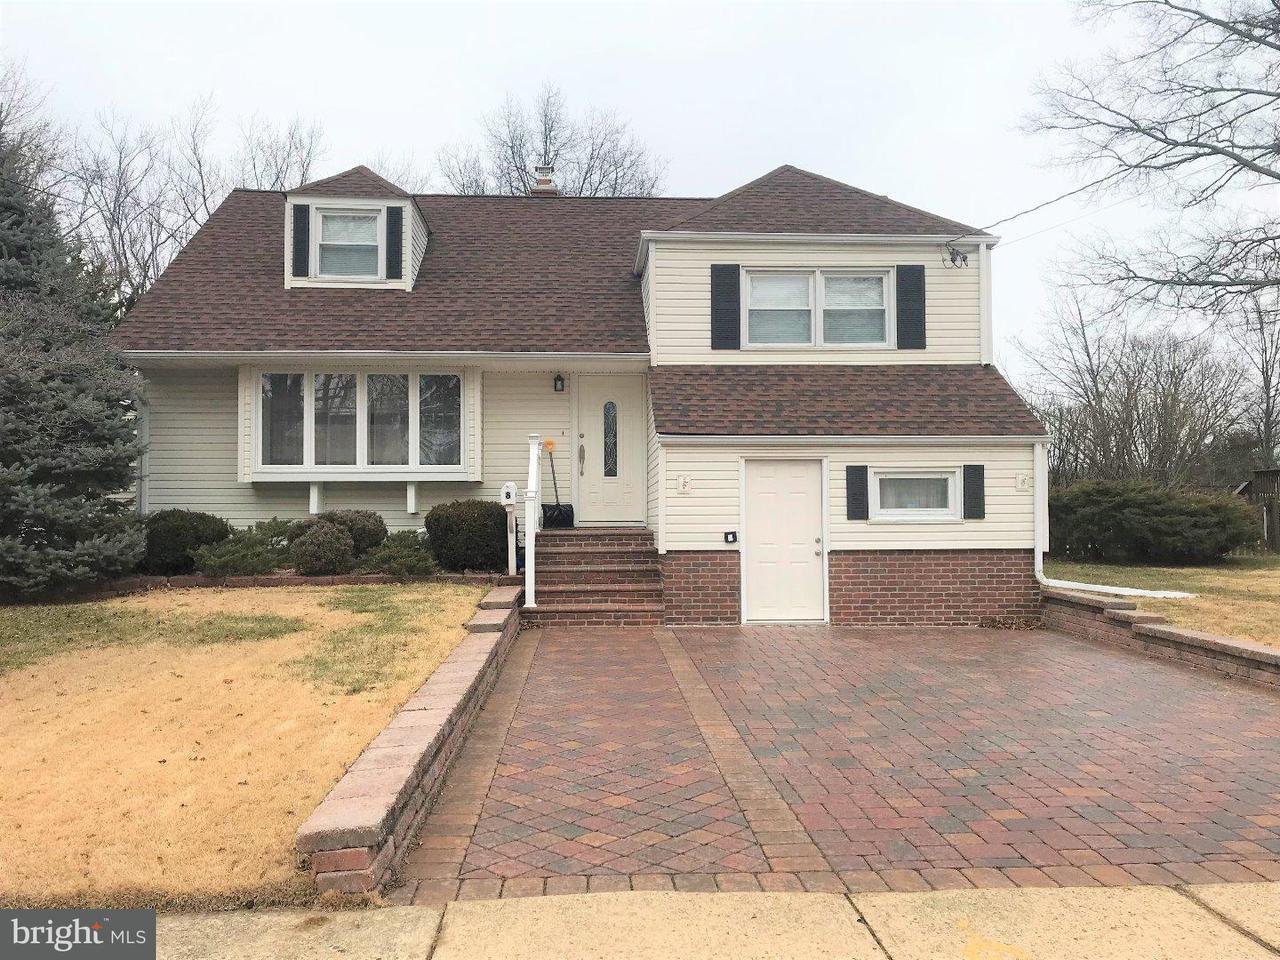 独户住宅 为 出租 在 8 SHACKAMAXON Drive Hamilton Township, 新泽西州 08690 美国在/周边: Hamilton Township